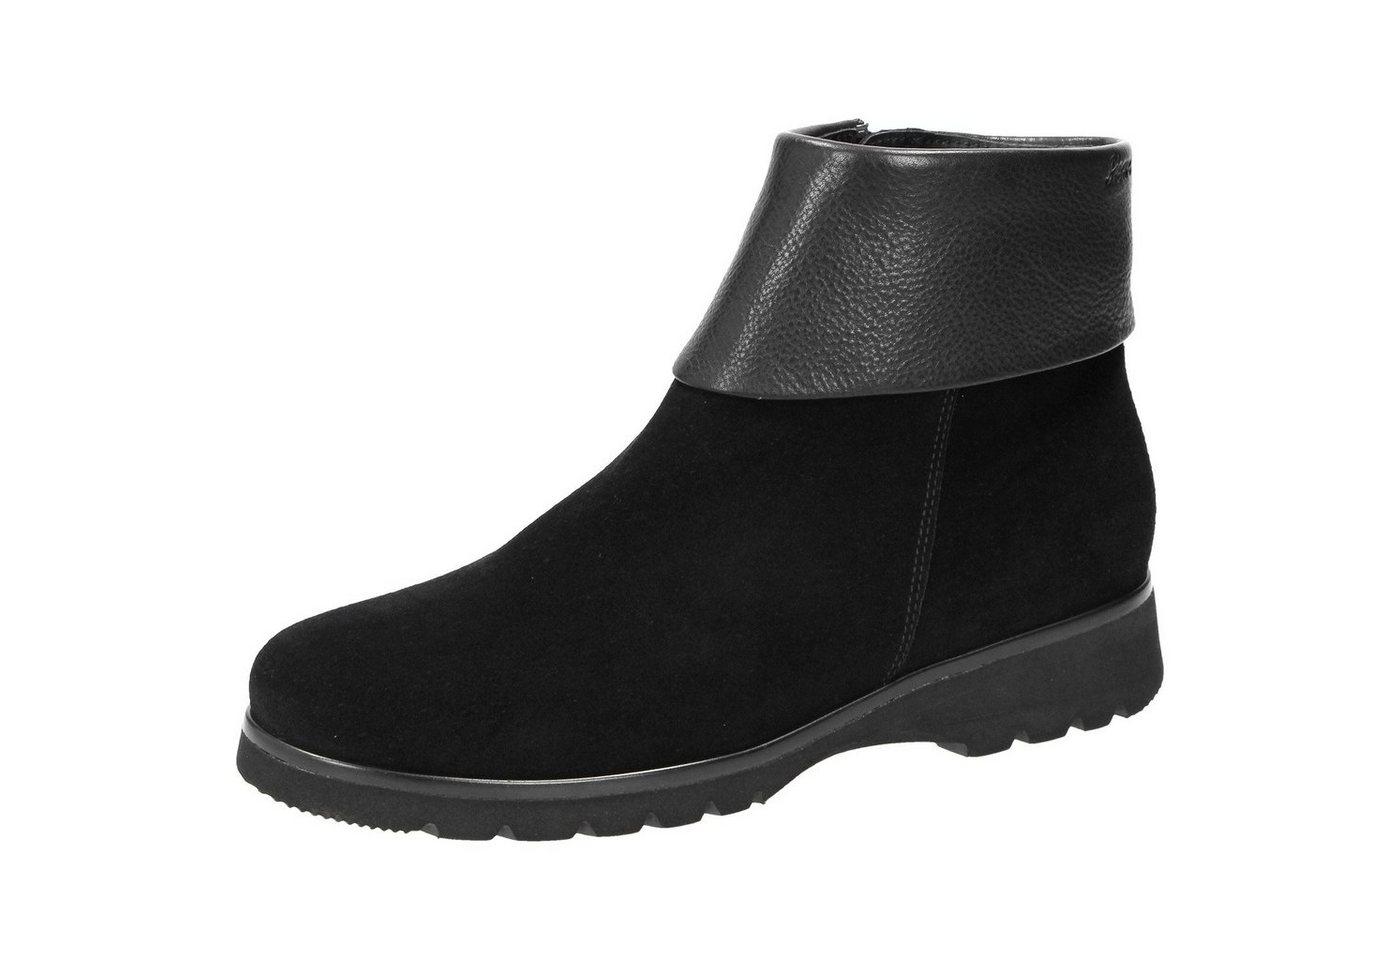 Damen SIOUX Palomira-XL Stiefelette schwarz   04054765348330